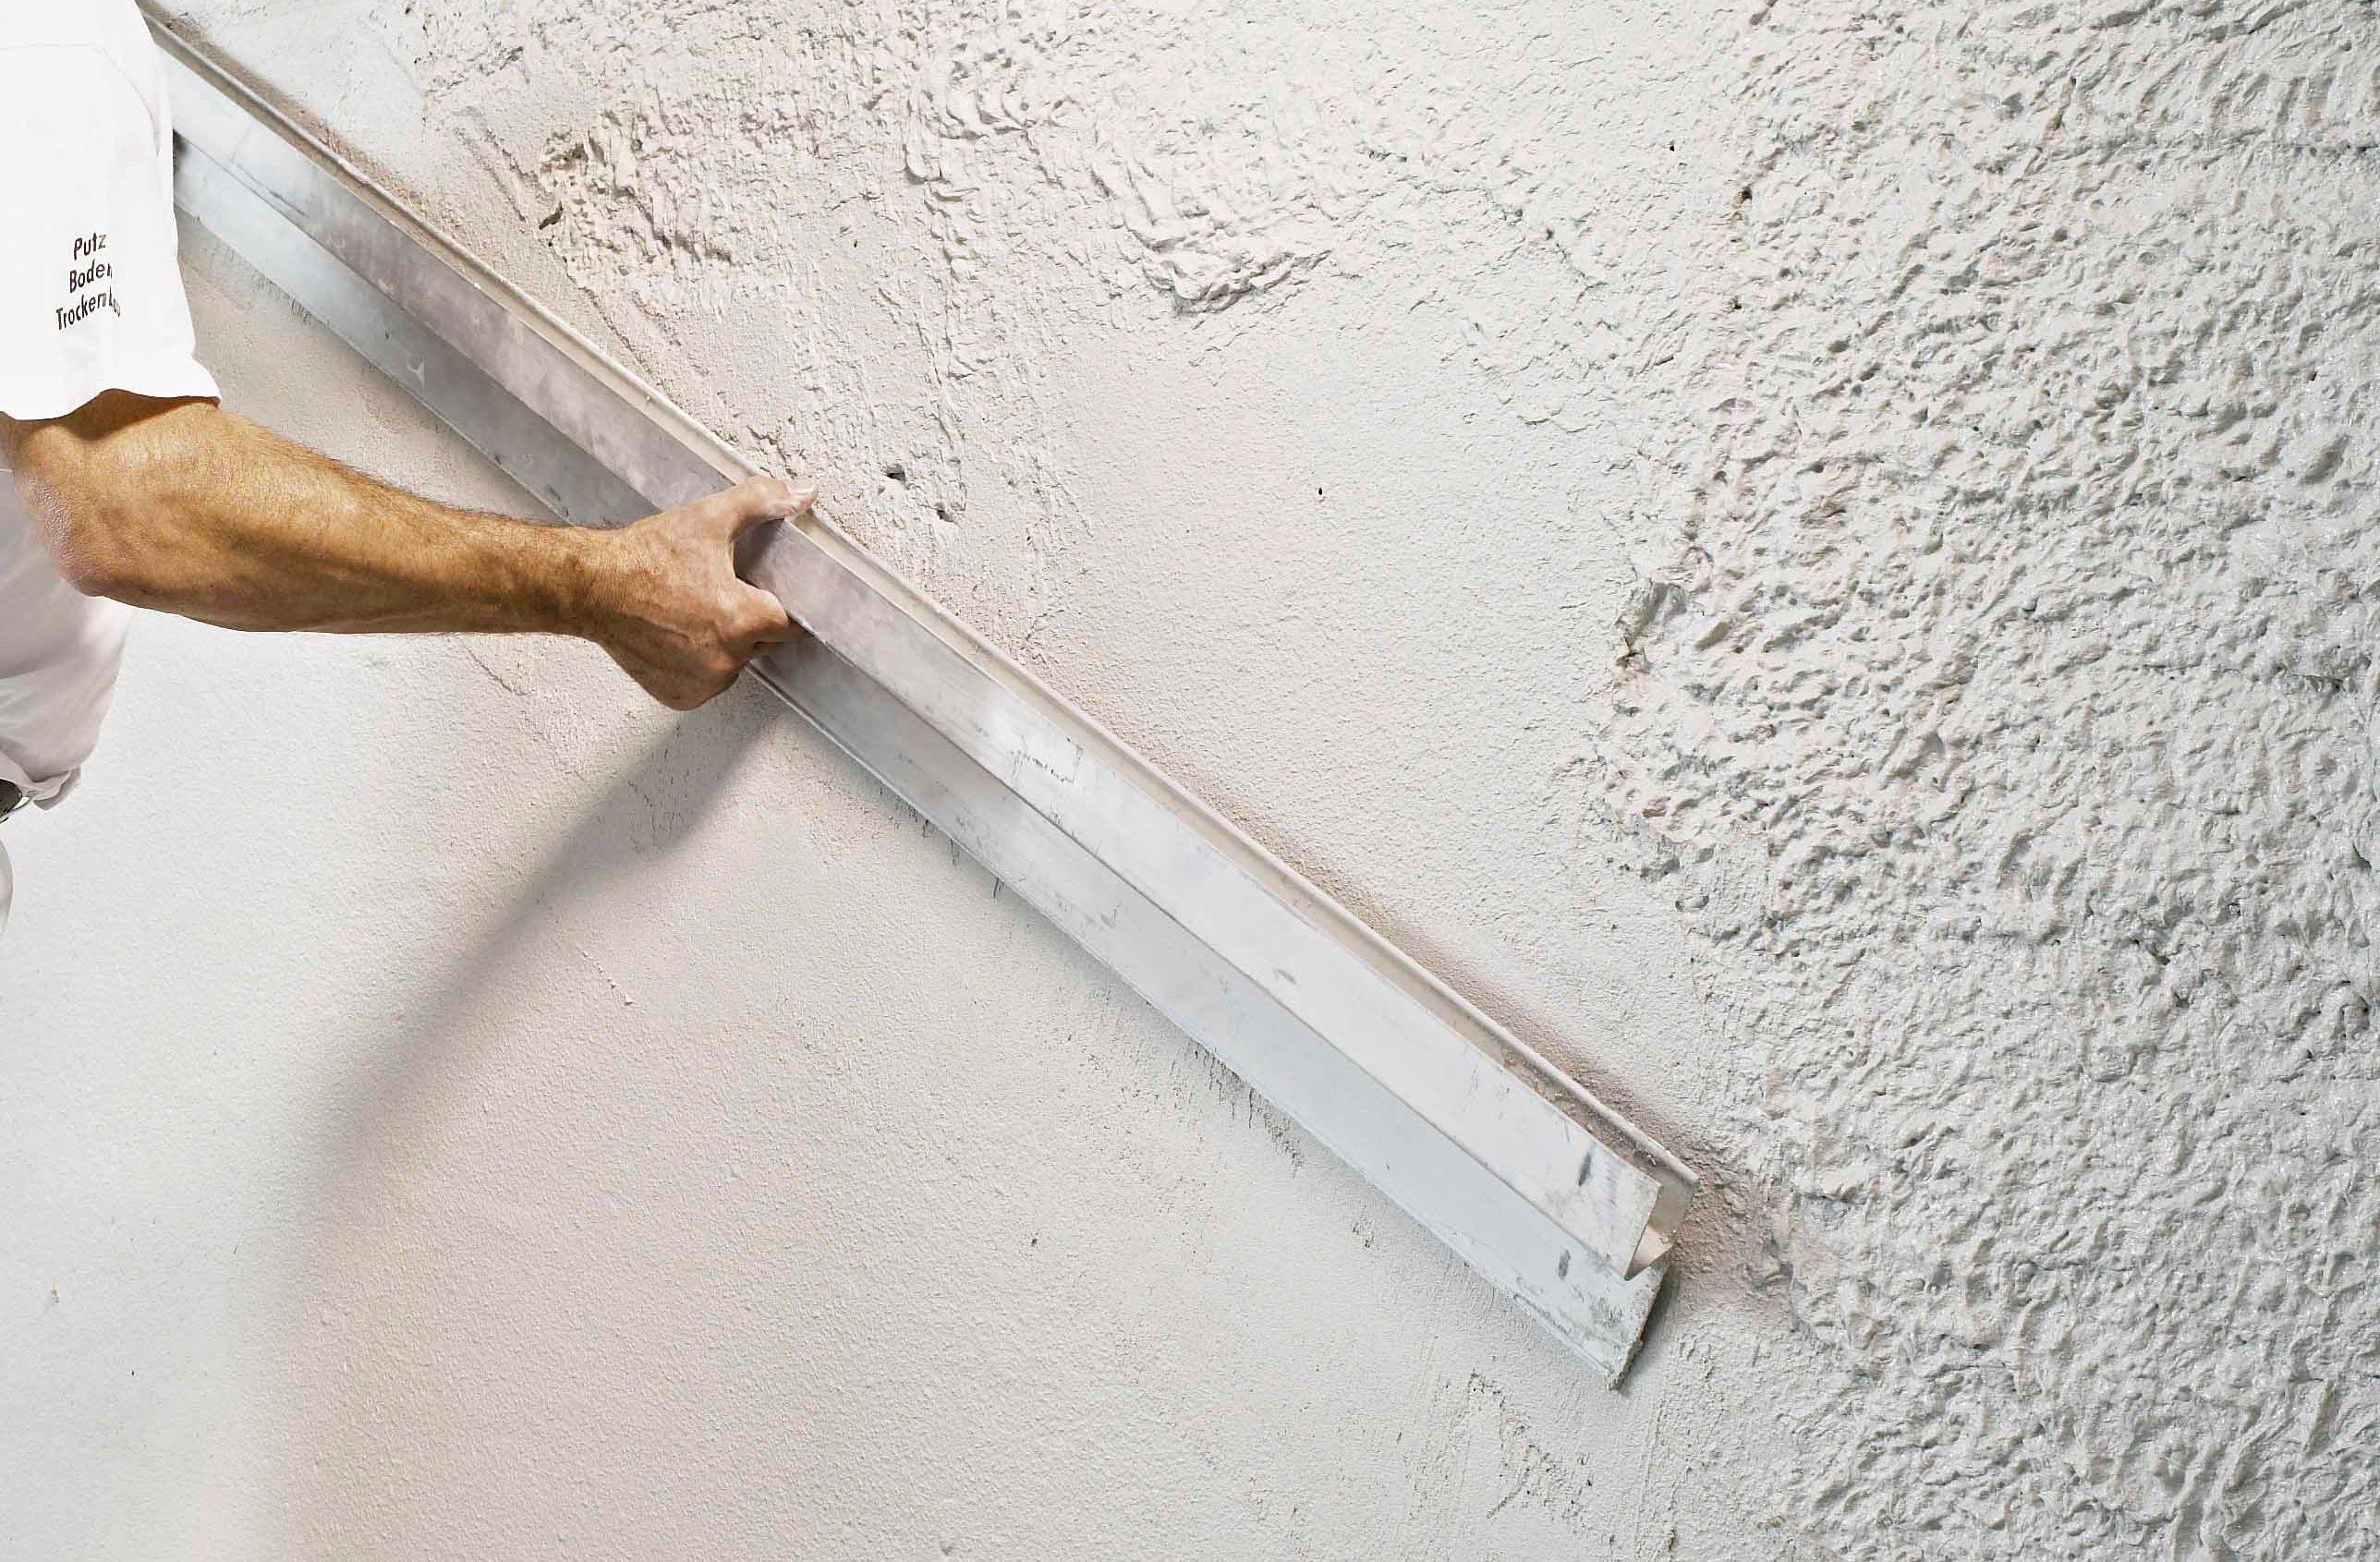 58341f0bd163b59f13ff97e363023239 - Штукатурка стен и потолка своими руками